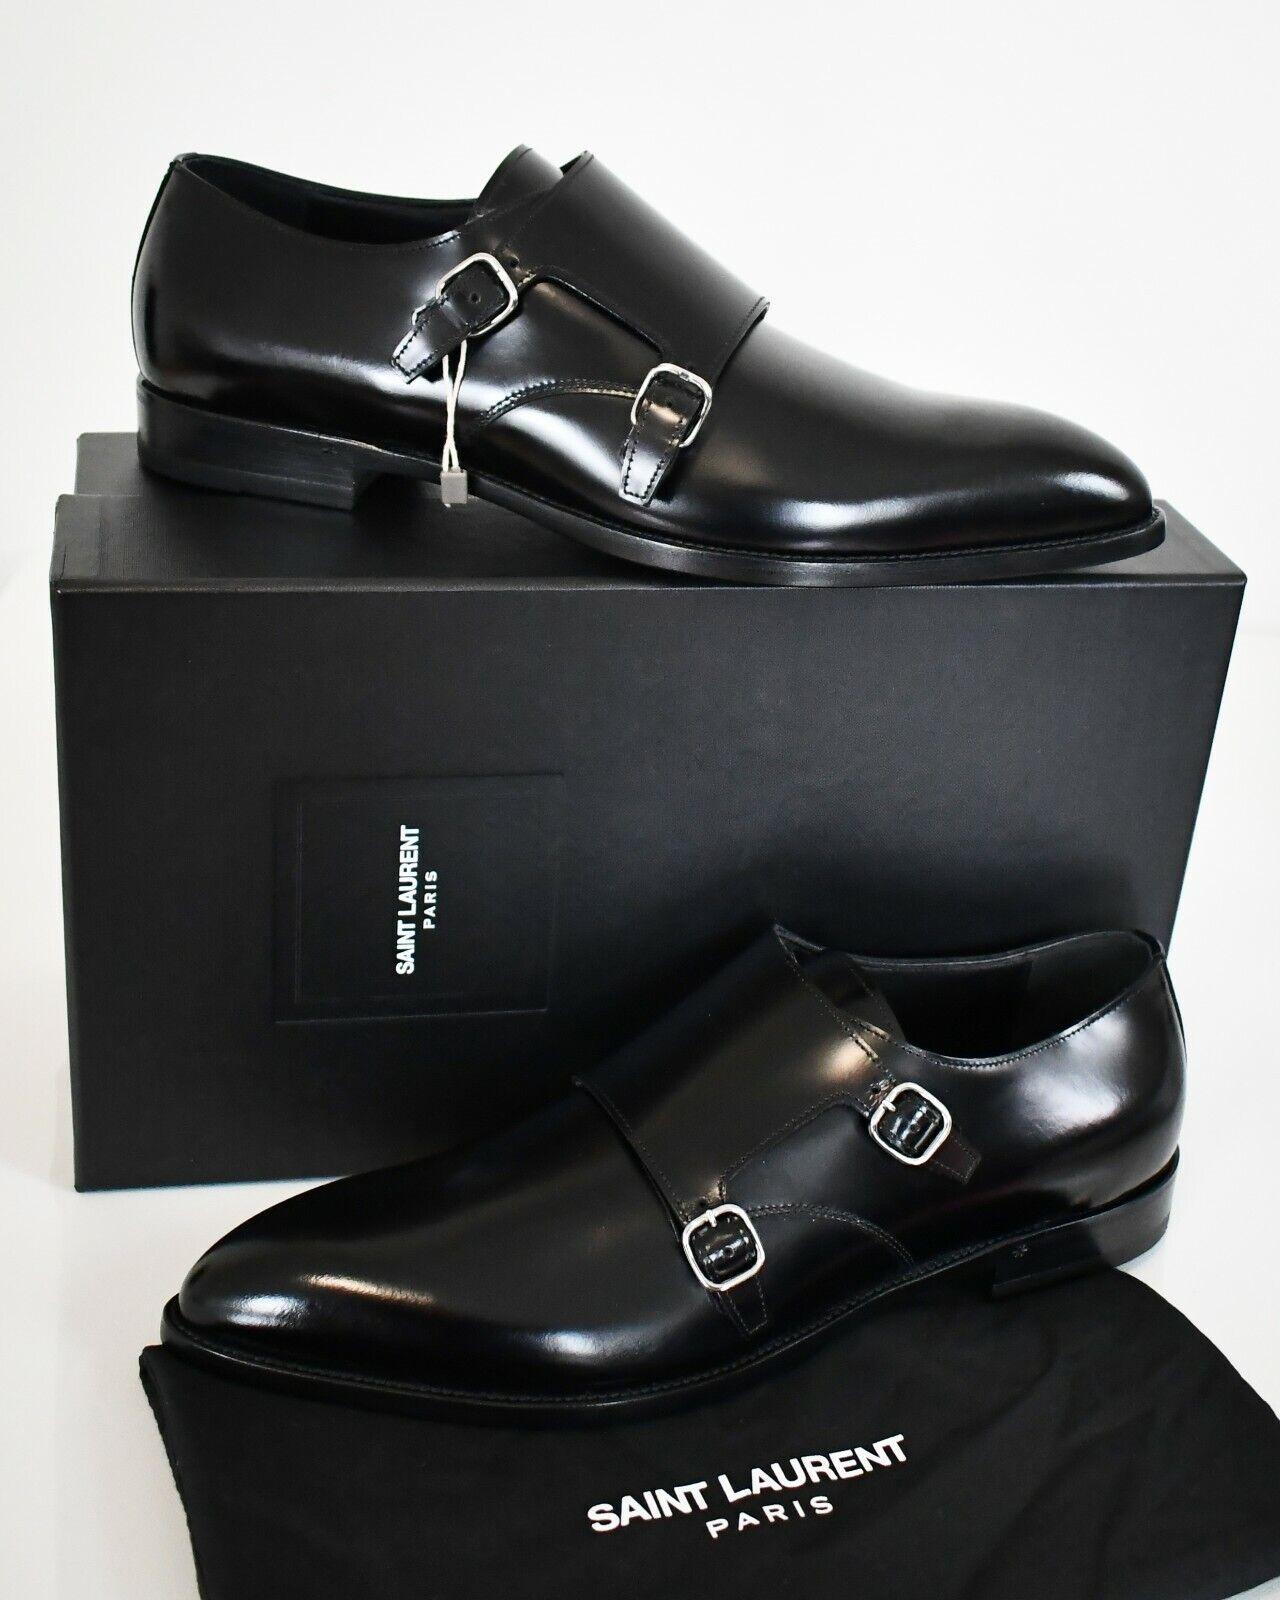 SAINT LAURENT Black Leather DOUBLE MONK STRAP Dress Formal Shoes EU445 US115